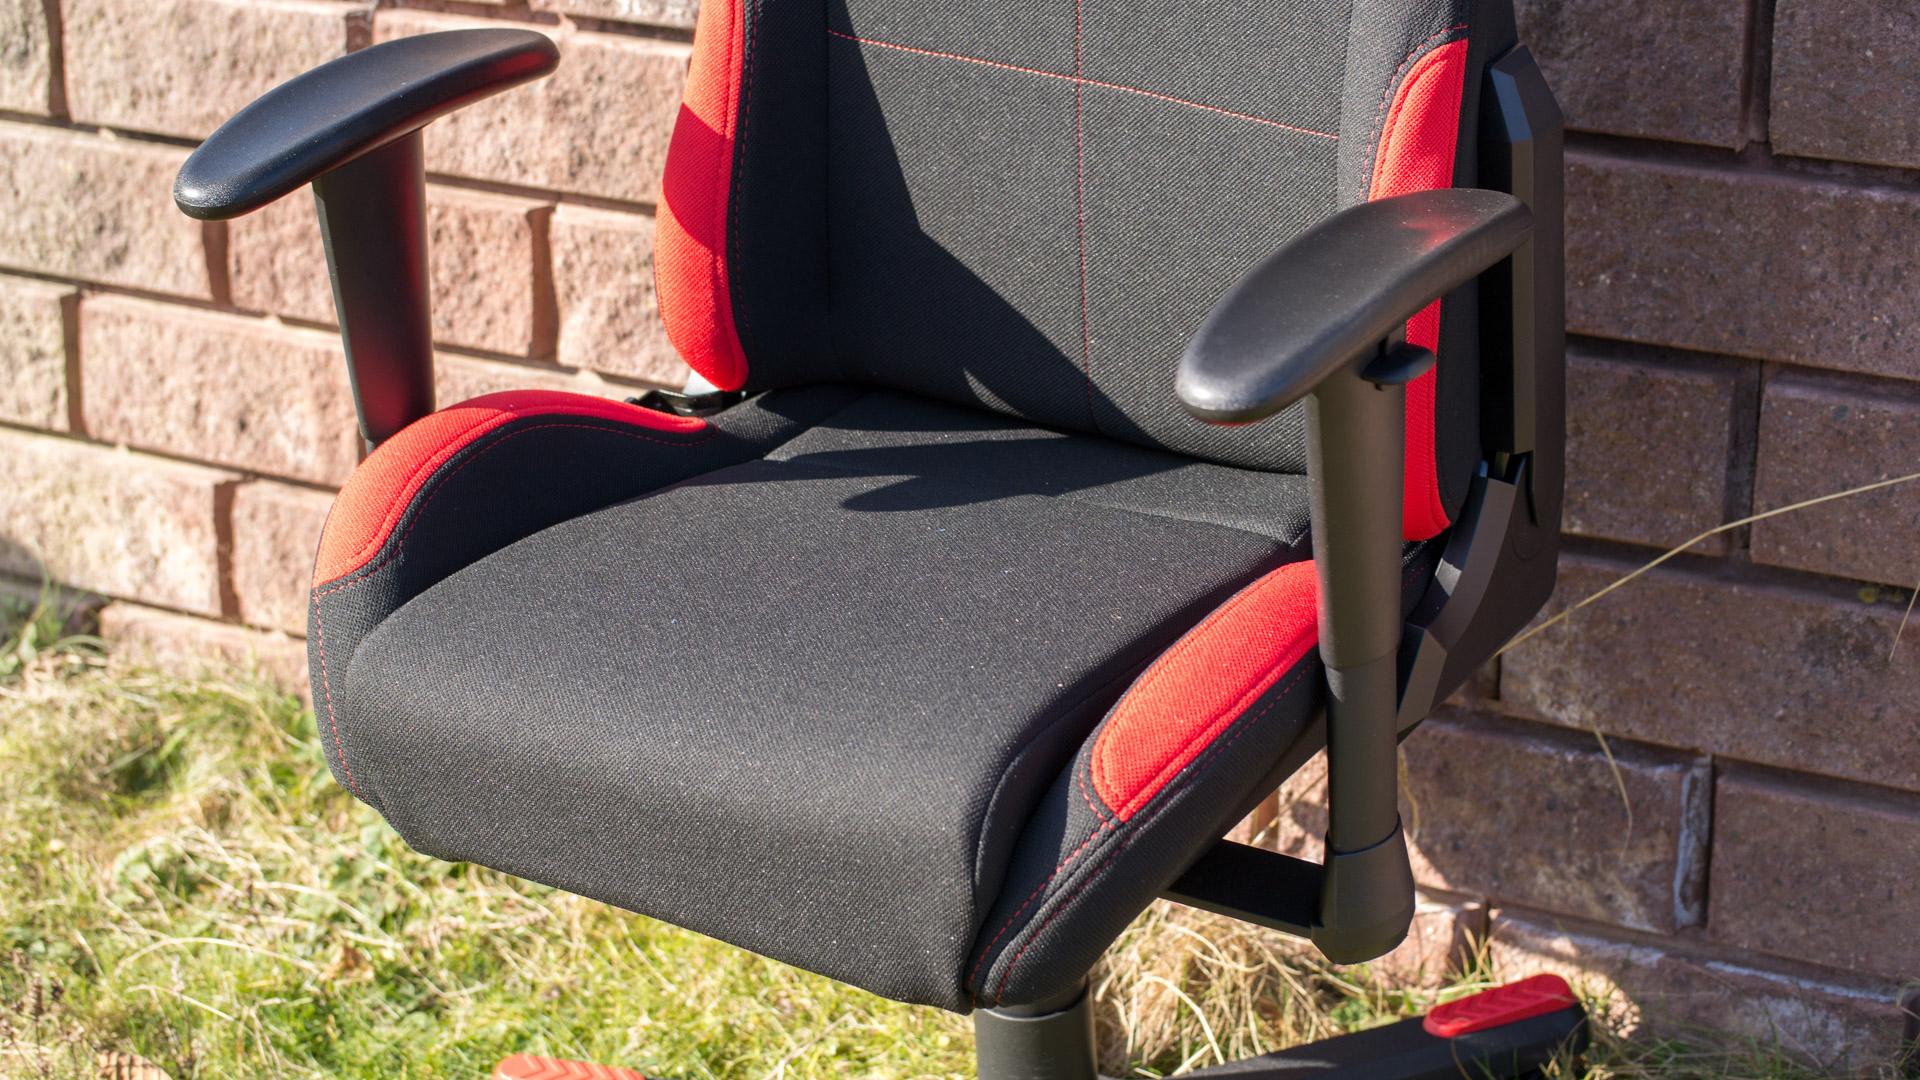 weicher stuhl medium size of stuhl rote ruben rot blauer rietveld gerrit blau weicher. Black Bedroom Furniture Sets. Home Design Ideas